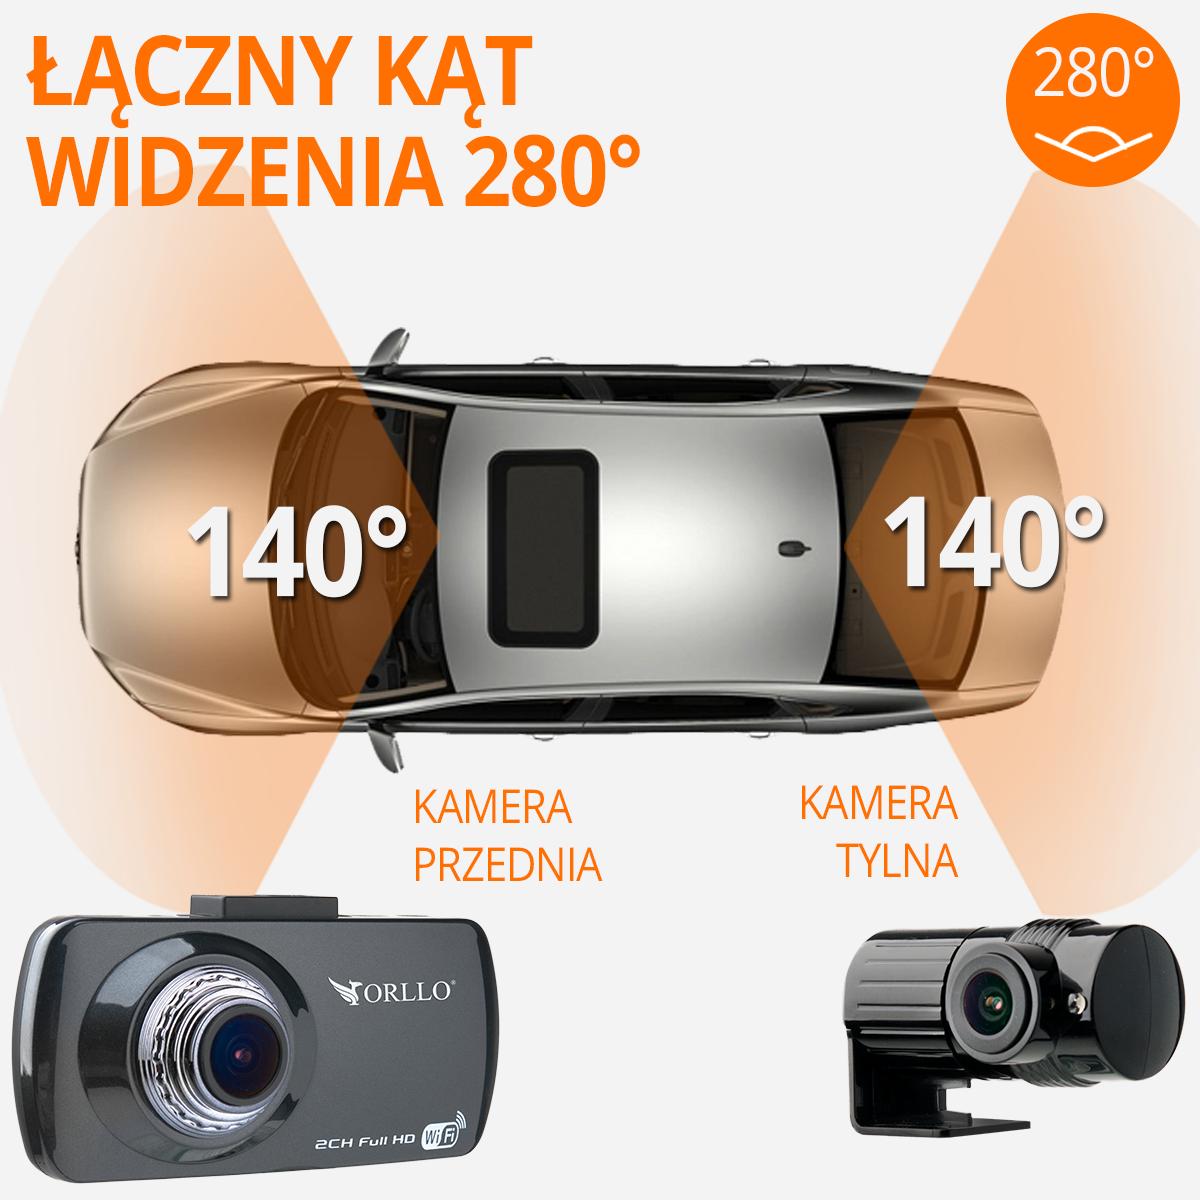 kamera-samochodowa-kąt-widzenia-orllo-pl